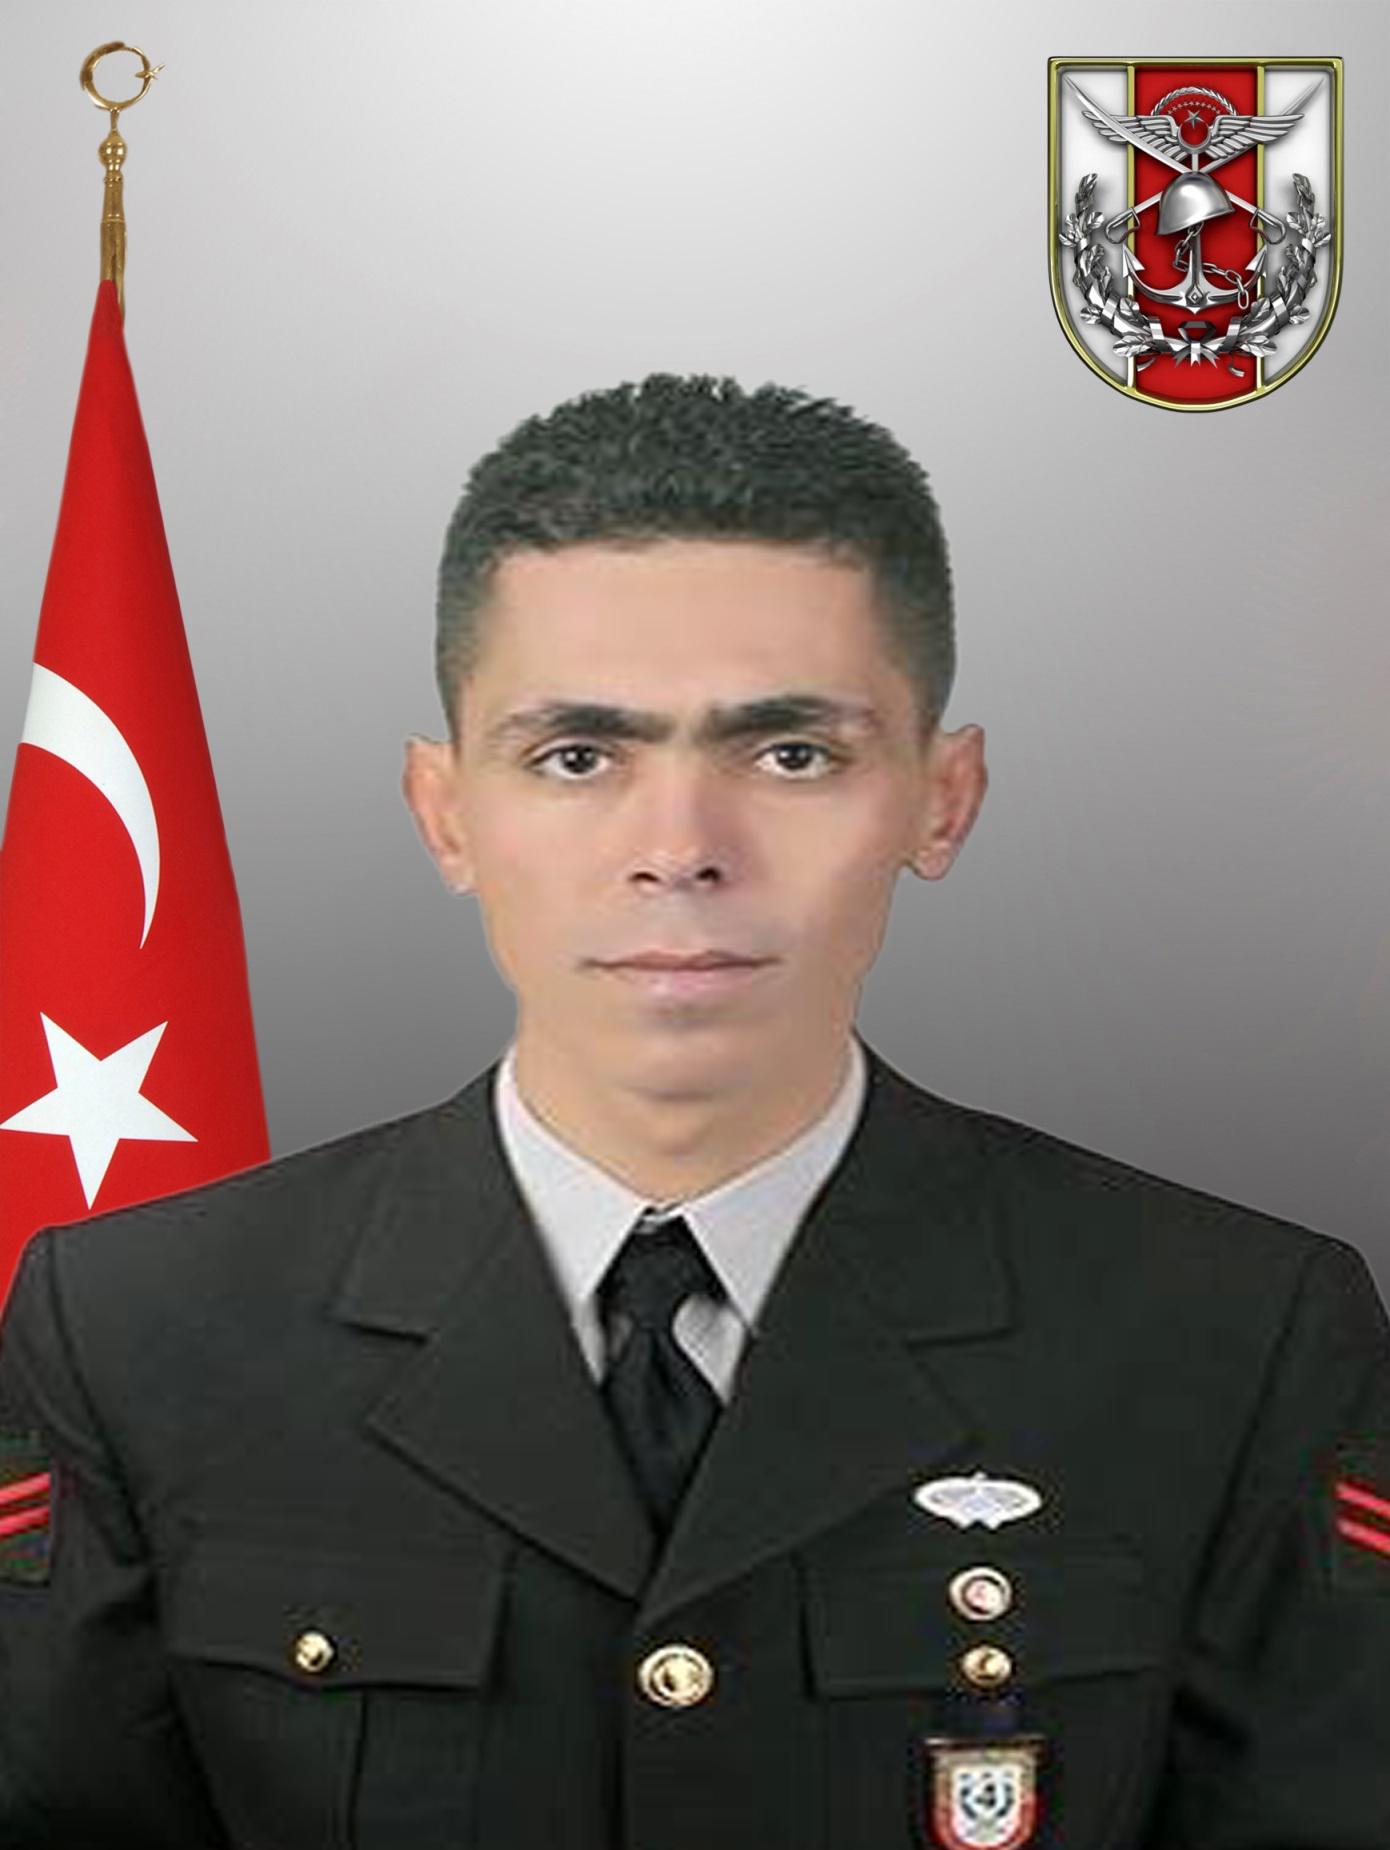 Selman CANKARA